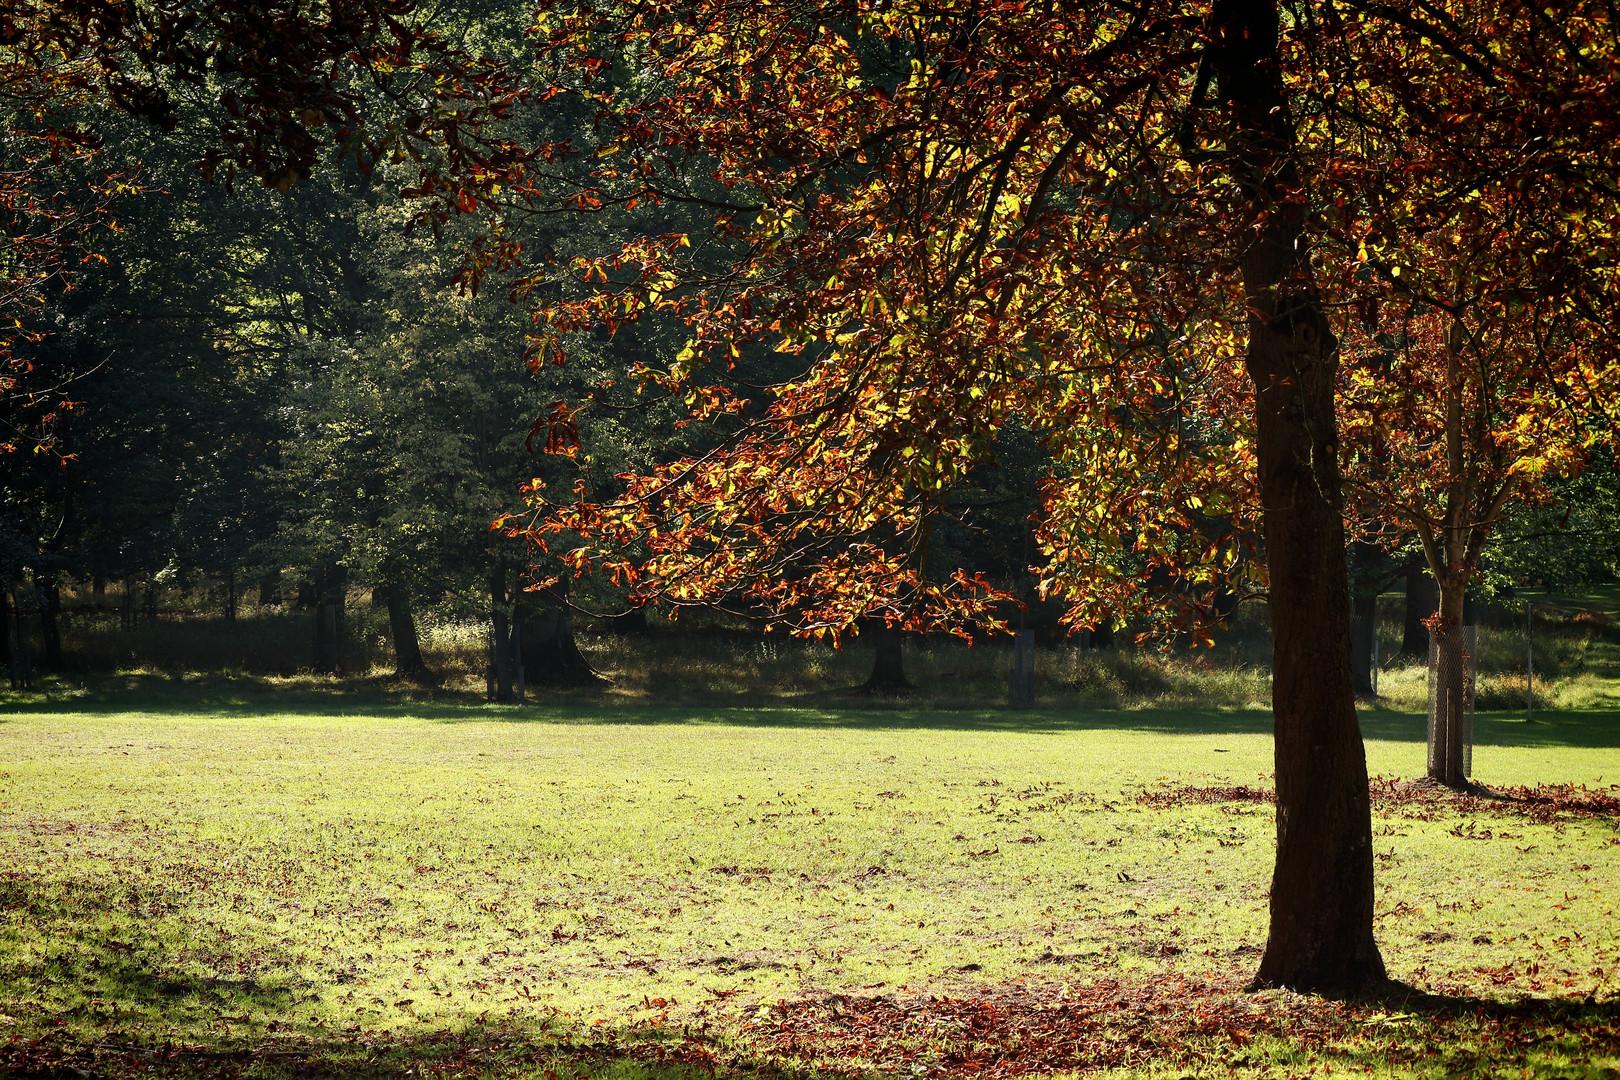 Herbst im Tiergarten #4